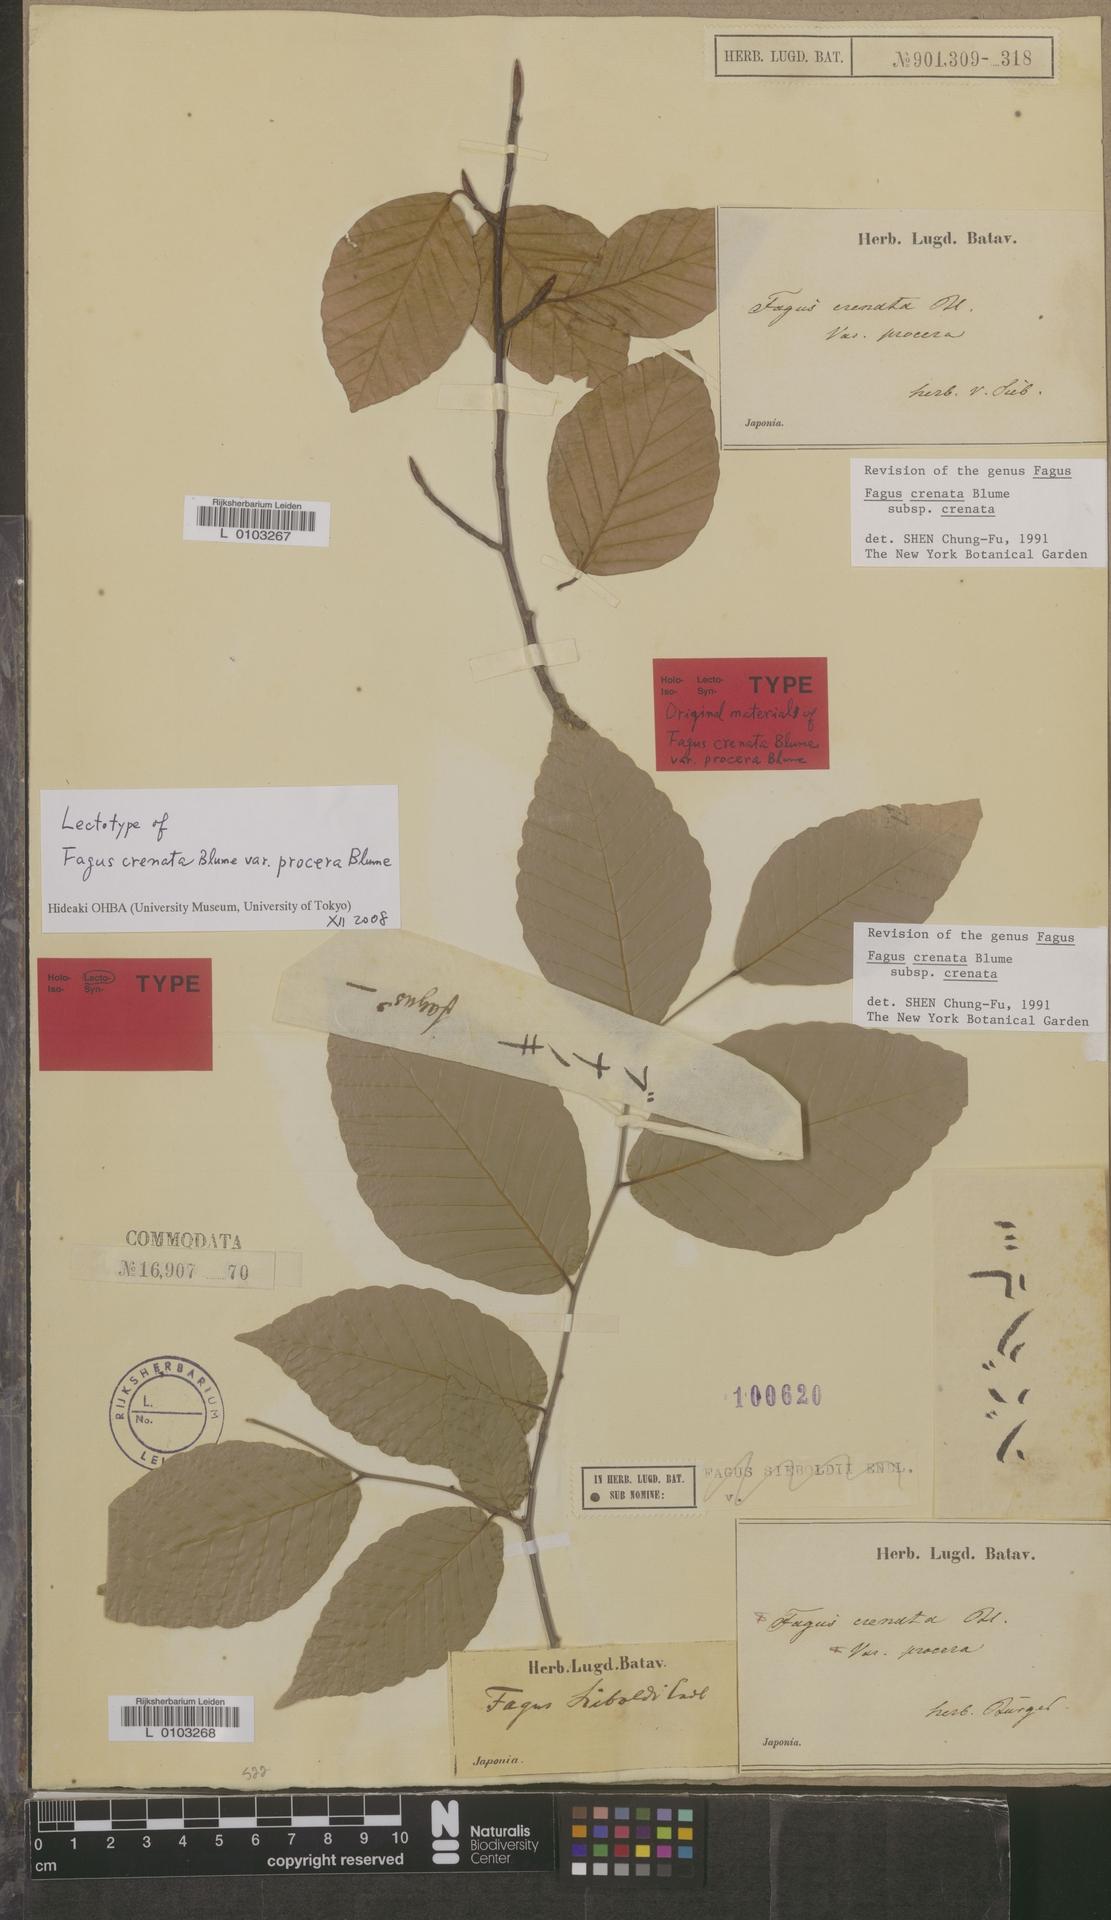 L  0103267 | Fagus crenata subsp. crenata